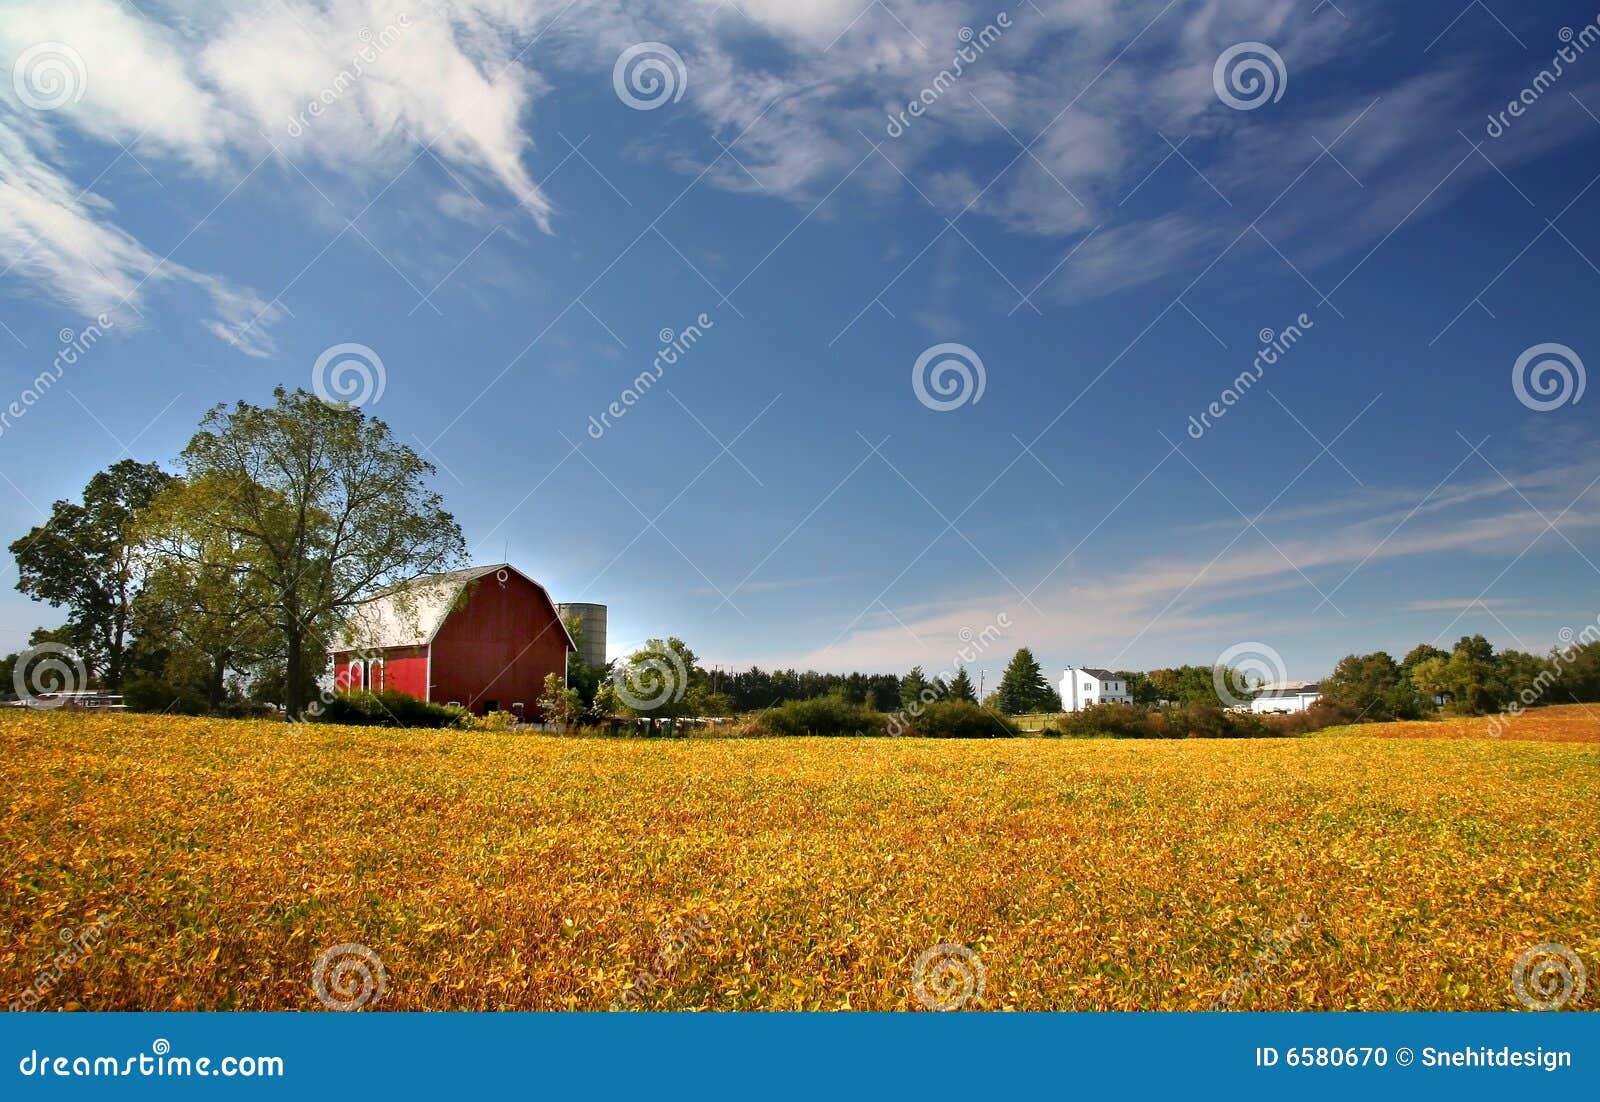 Paesaggio scenico dell azienda agricola